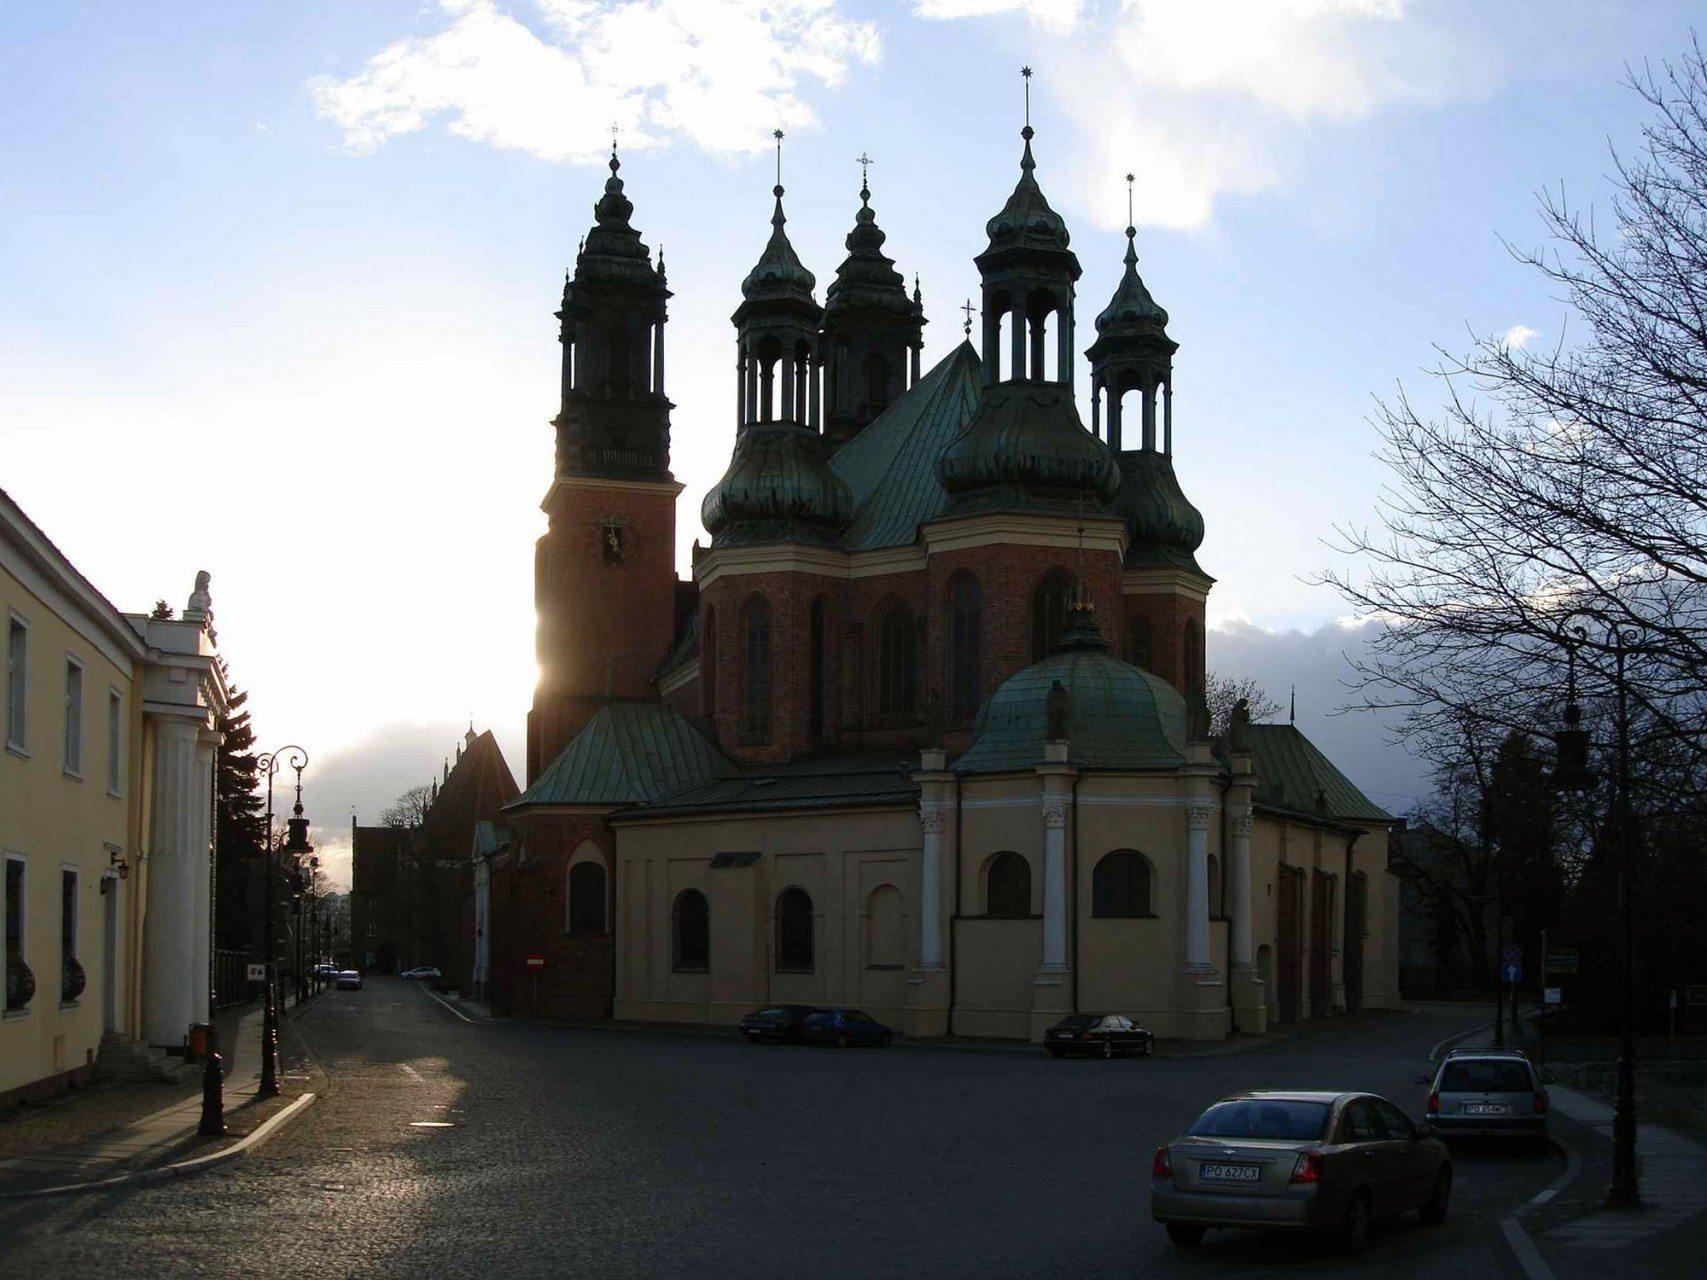 Gotischer Glanz. Der Posener Dom wurde an gleicher Stelle des vorromanischen Kirchenbauwerks errichtet. Der Backsteinbau geht auf eine romanische Basilika mit zwei Türmen zurück, die erst im 14. und 15. Jahrhundert ihre gotische Gestalt erhielt. In den folgenden Jahren wurde das Gotteshaus mehrfach umgestaltet und nach starken Beschädigungen im 2. Weltkrieg erst 1956 wiedereröffnet. Die Kathedrale ist zugleich Grabstätte der ersten polnischen Oberhäupter.